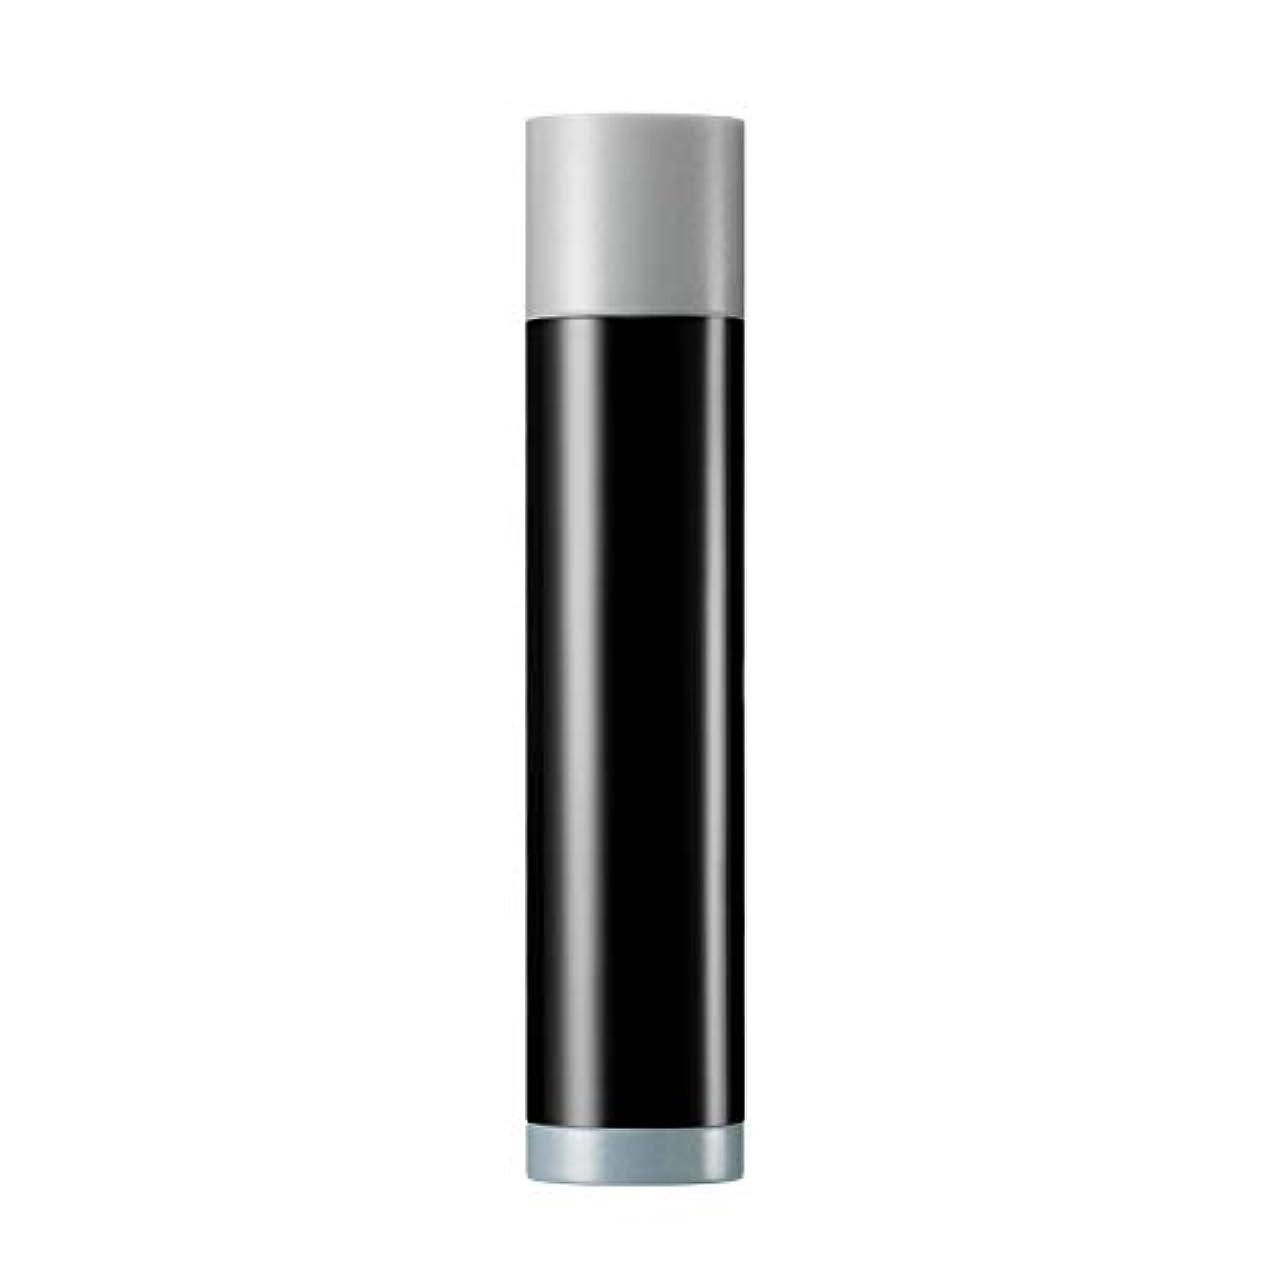 ハイライト木油ヴィセ リシェ パウダーチップ アイカラー BL-10 シマーブルー 0.6g